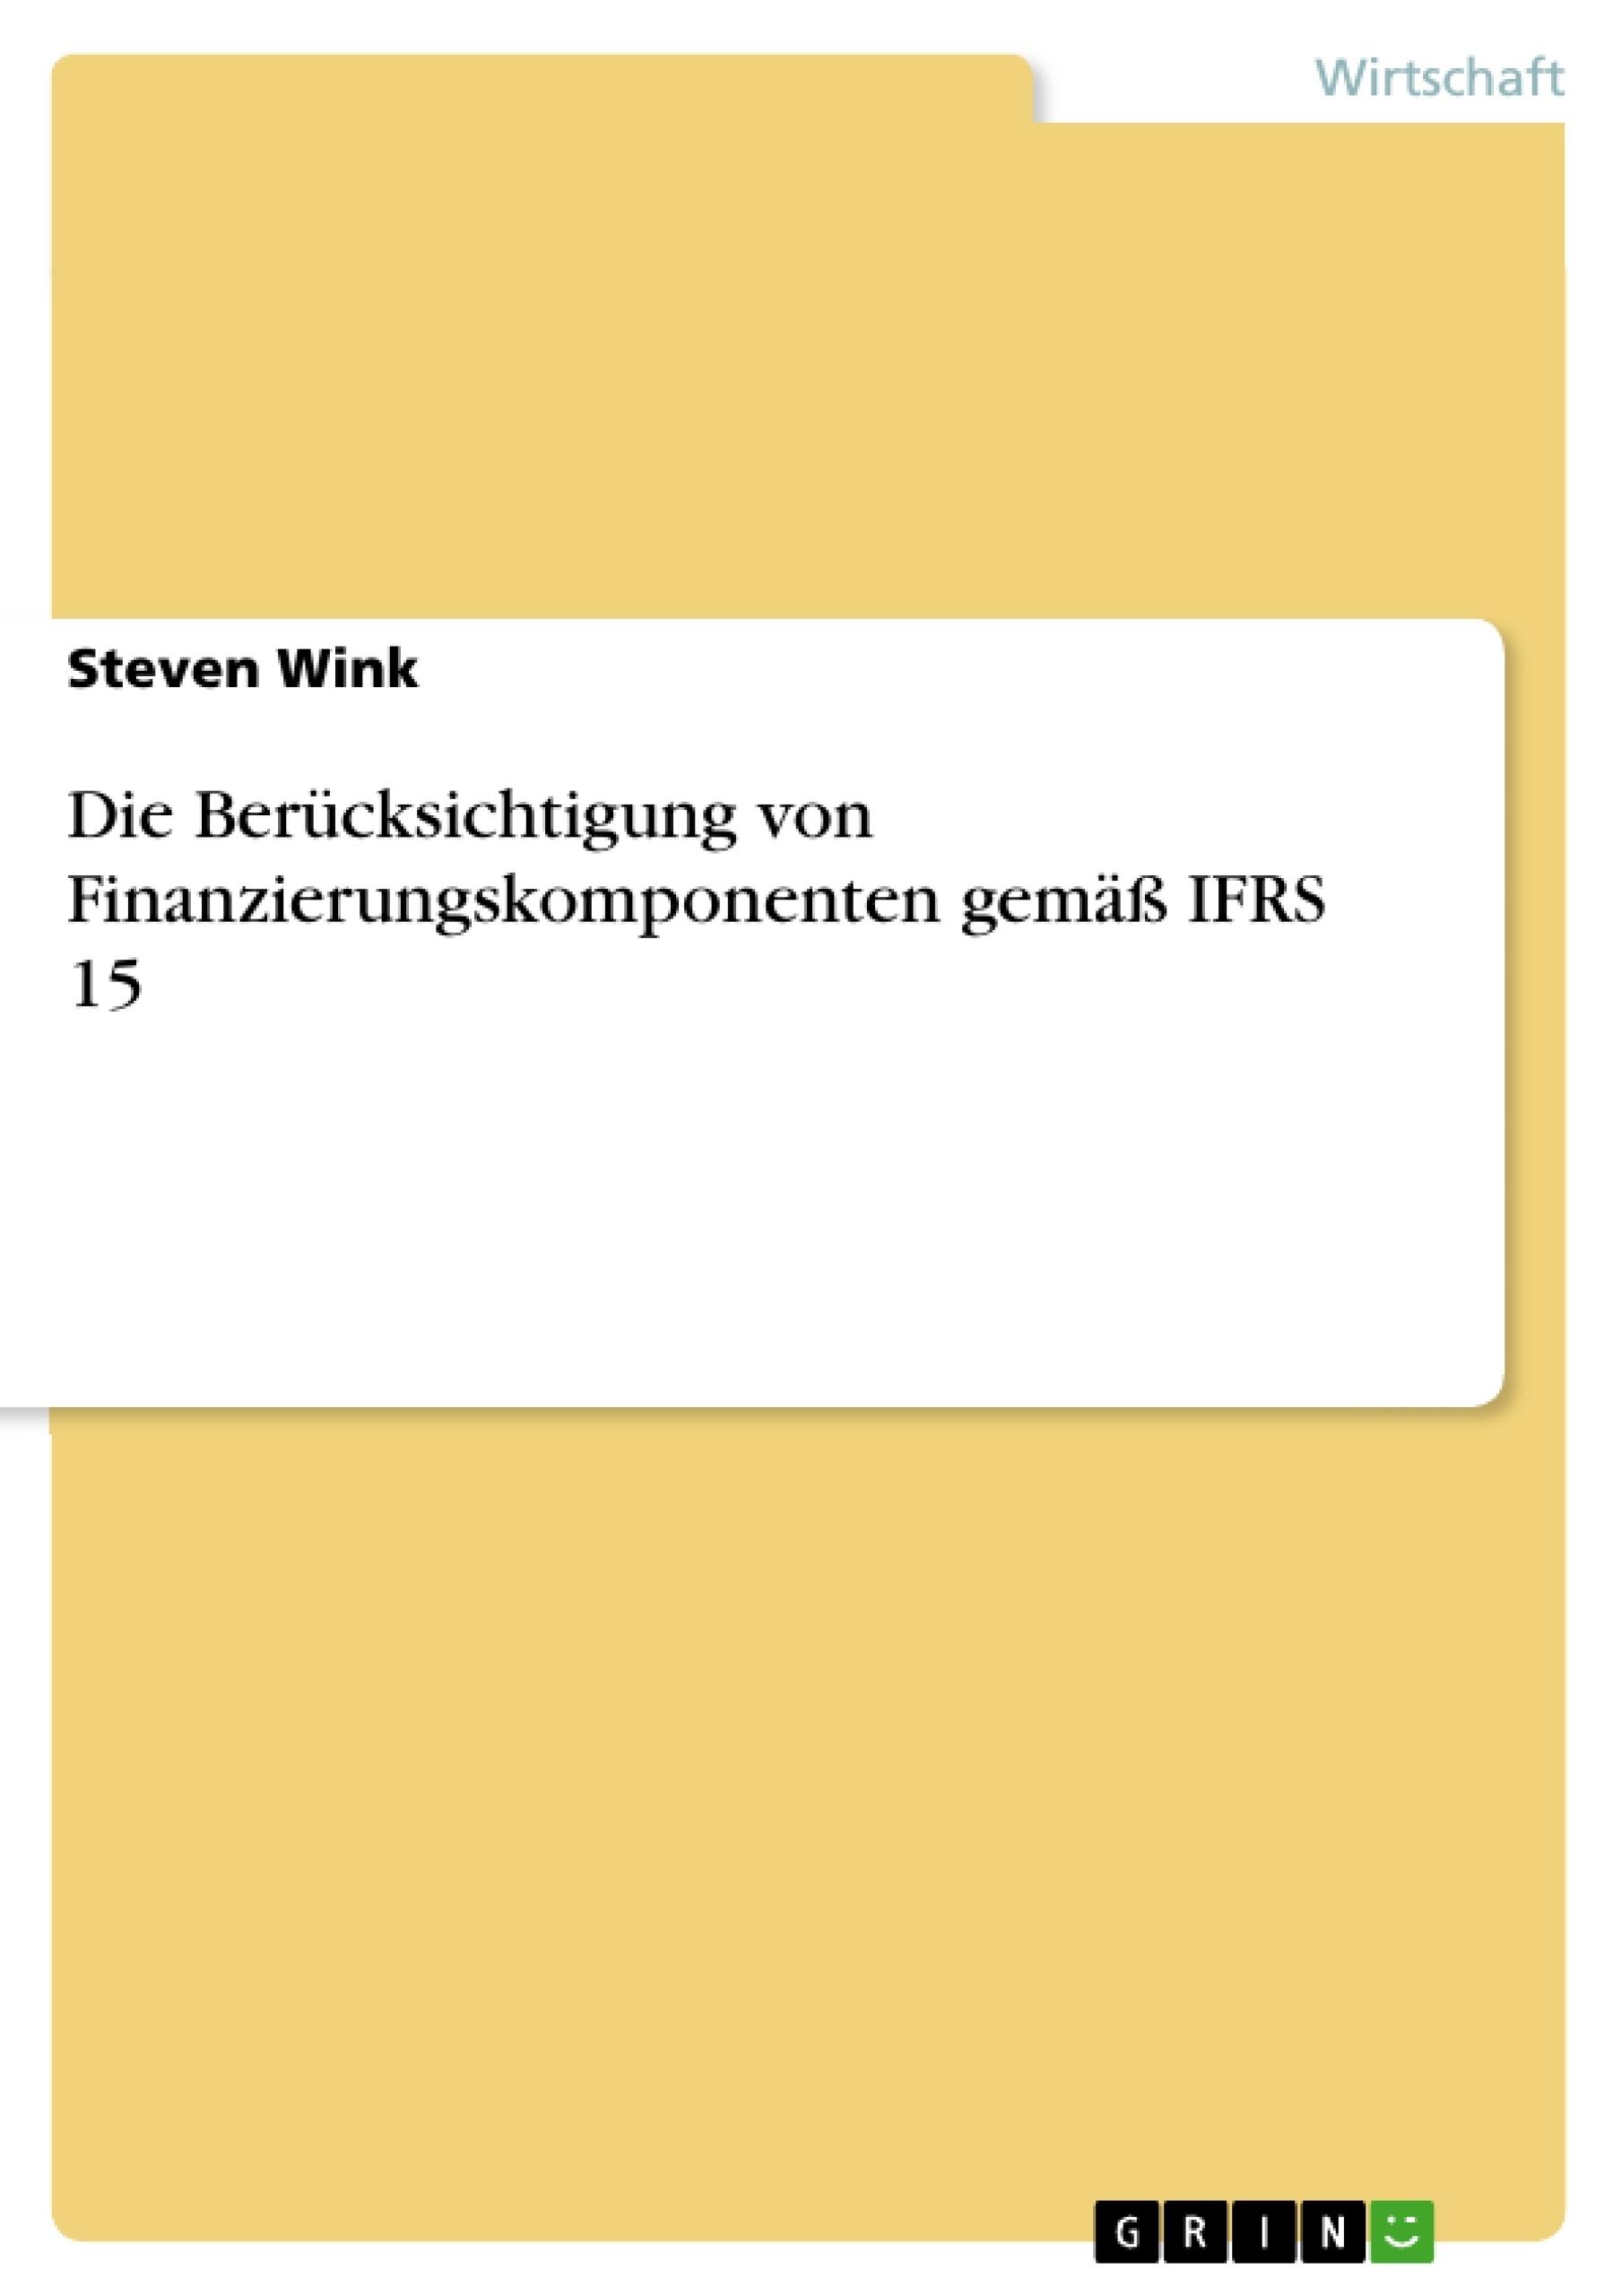 Titel: Die Berücksichtigung von Finanzierungskomponenten gemäß IFRS 15